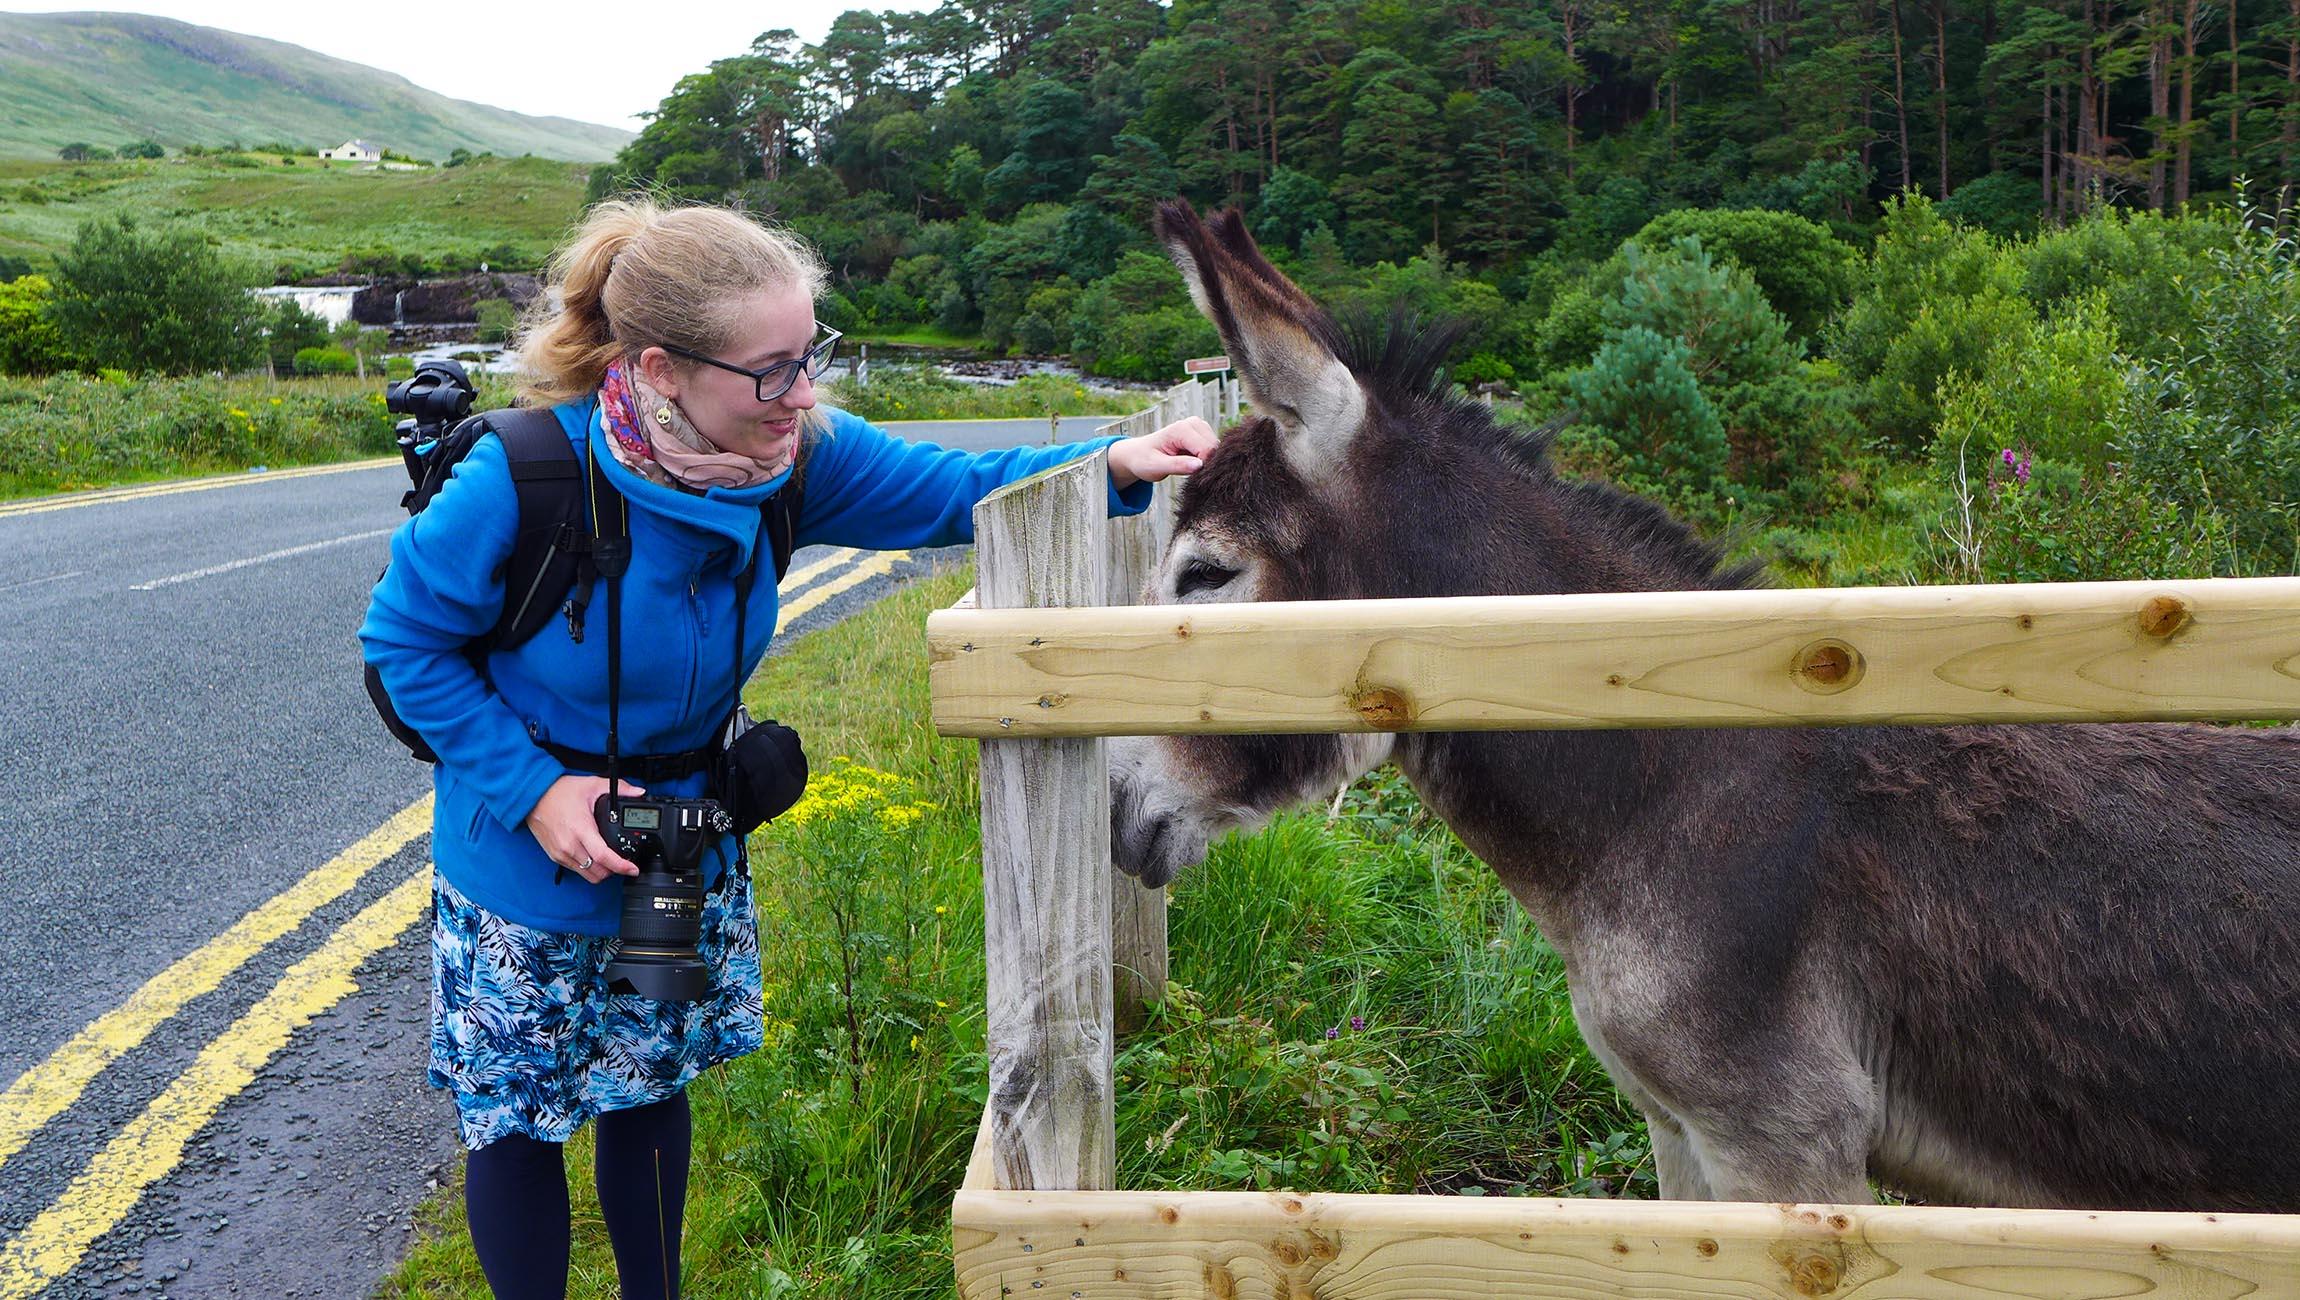 An einem Esel kann ich einfach nicht vorbei gehen :)